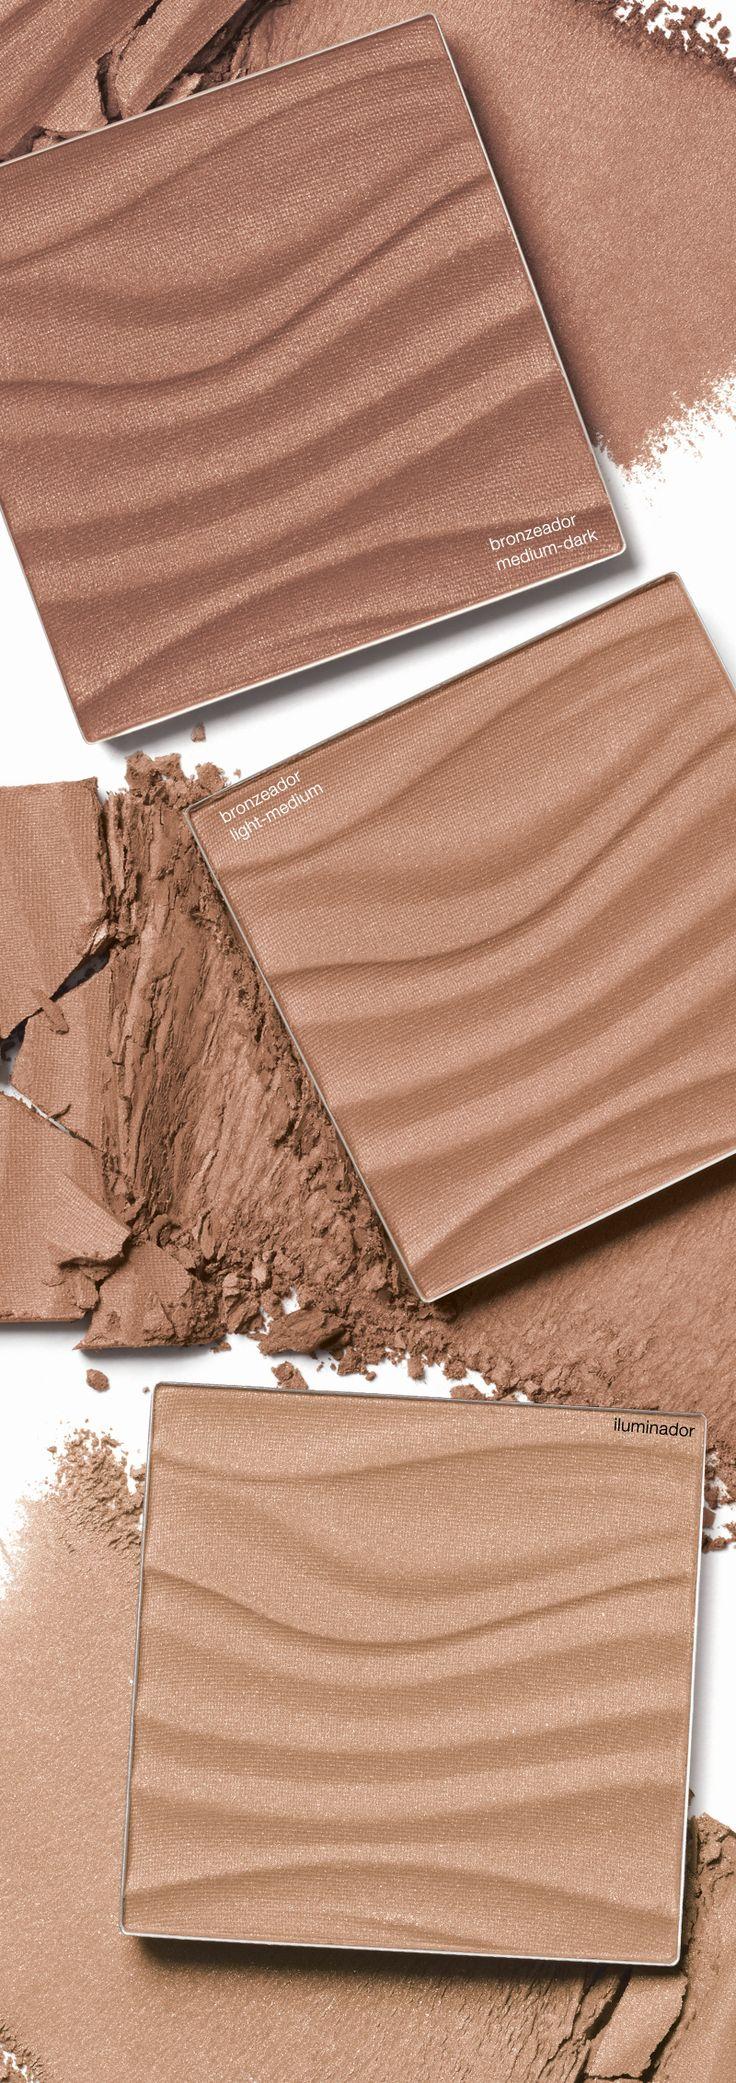 Pele com aspecto saudável e iluminado já! #makeuplovers